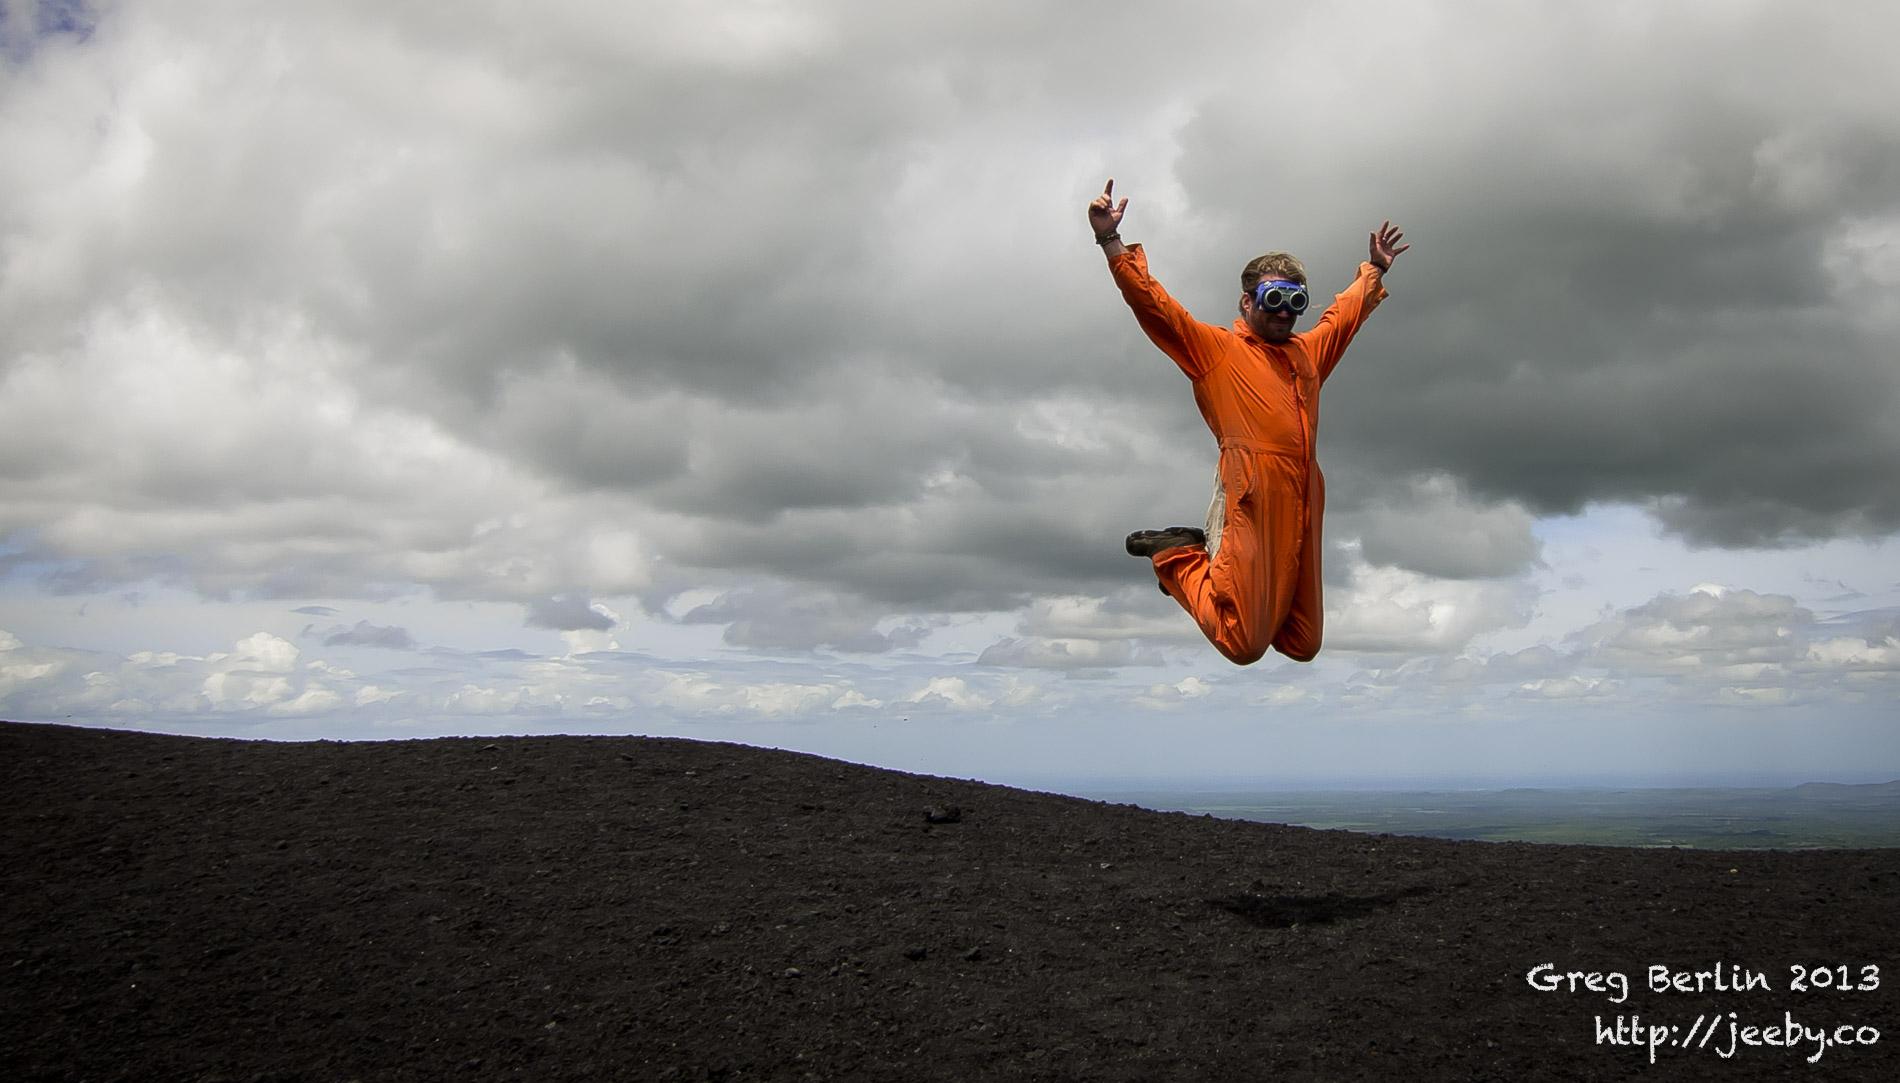 2013-Volcano-boarding-jump.jpg